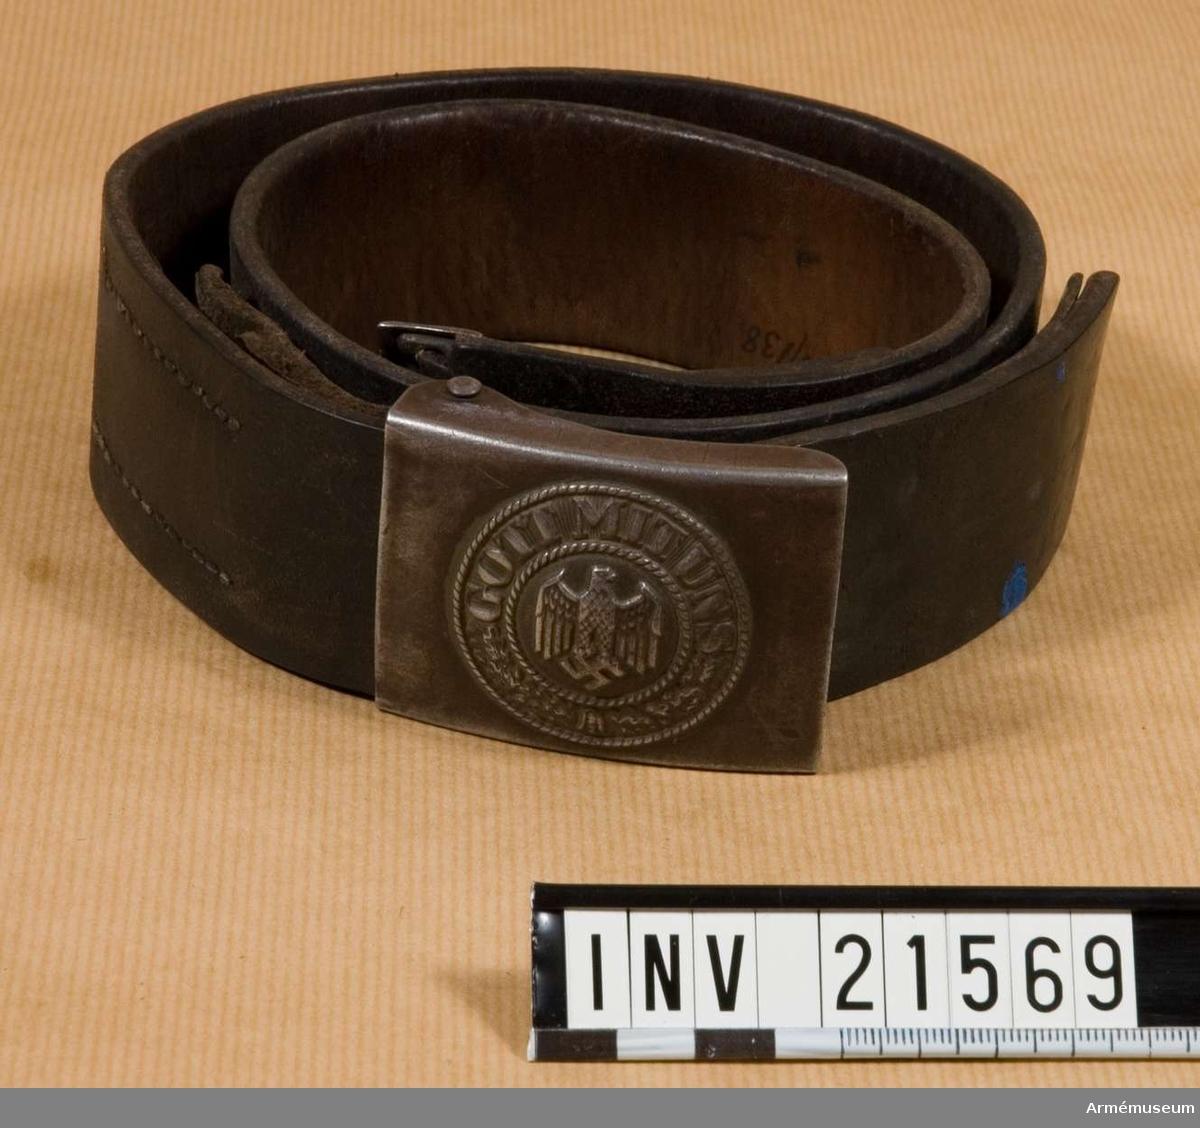 """Livrem, menig, Tyskland.Grupp II.Av svart läder. På baksidan ingraverad stämpel """"1940"""". Spänne av mattgrå metall. Krans, i mitten örn och hakkors. På medaljongen ingraverat """"Hoheitszeichen der Luftwaffe"""".Tillstånd 1954-04 Gott.Enl Granberg."""